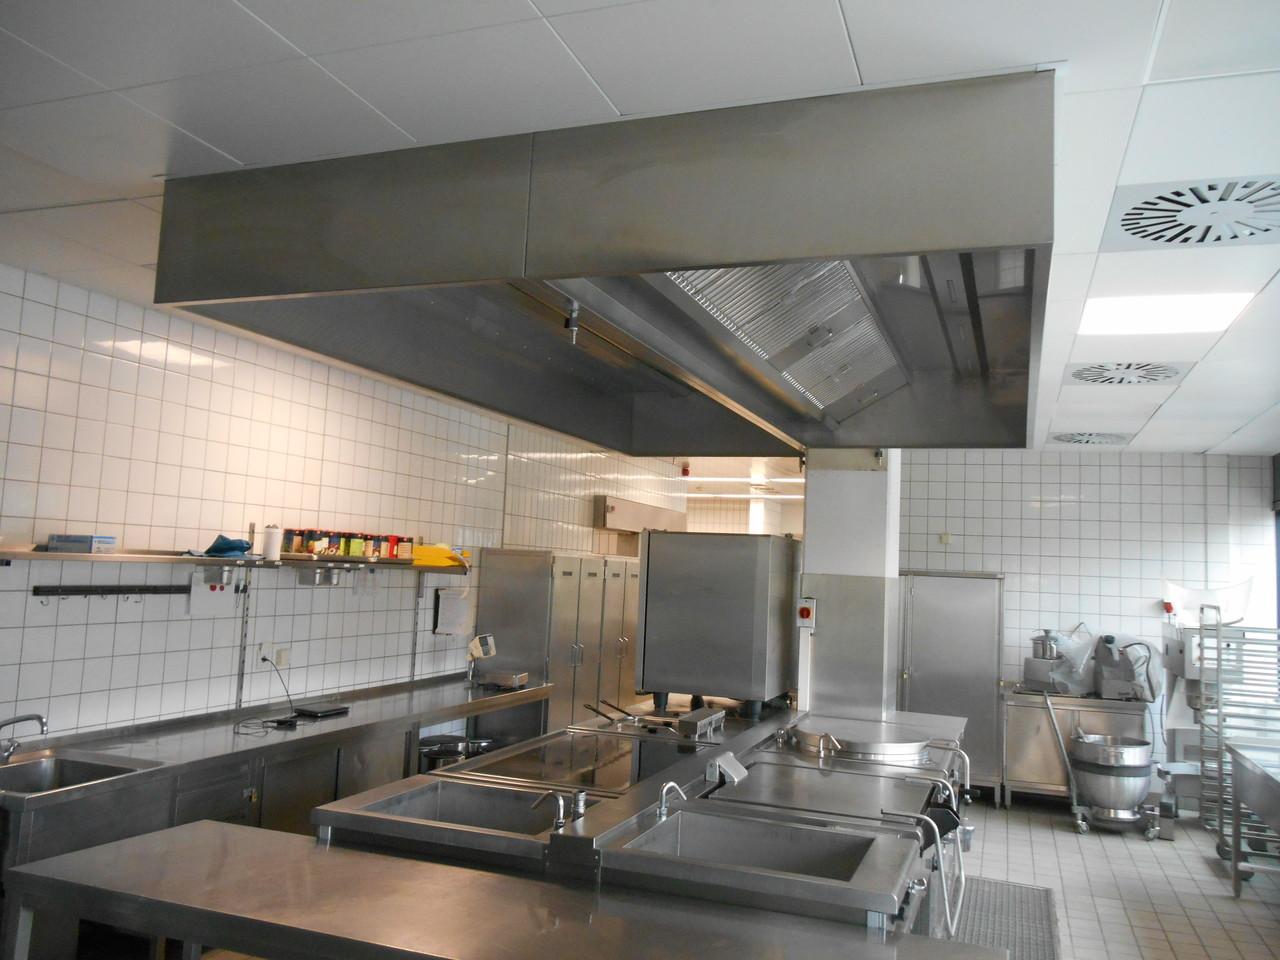 Full Size of Abzugshauben Aerozon Technologie Ozon Luftreinigung Saubere Wohnzimmer Küchenabluft